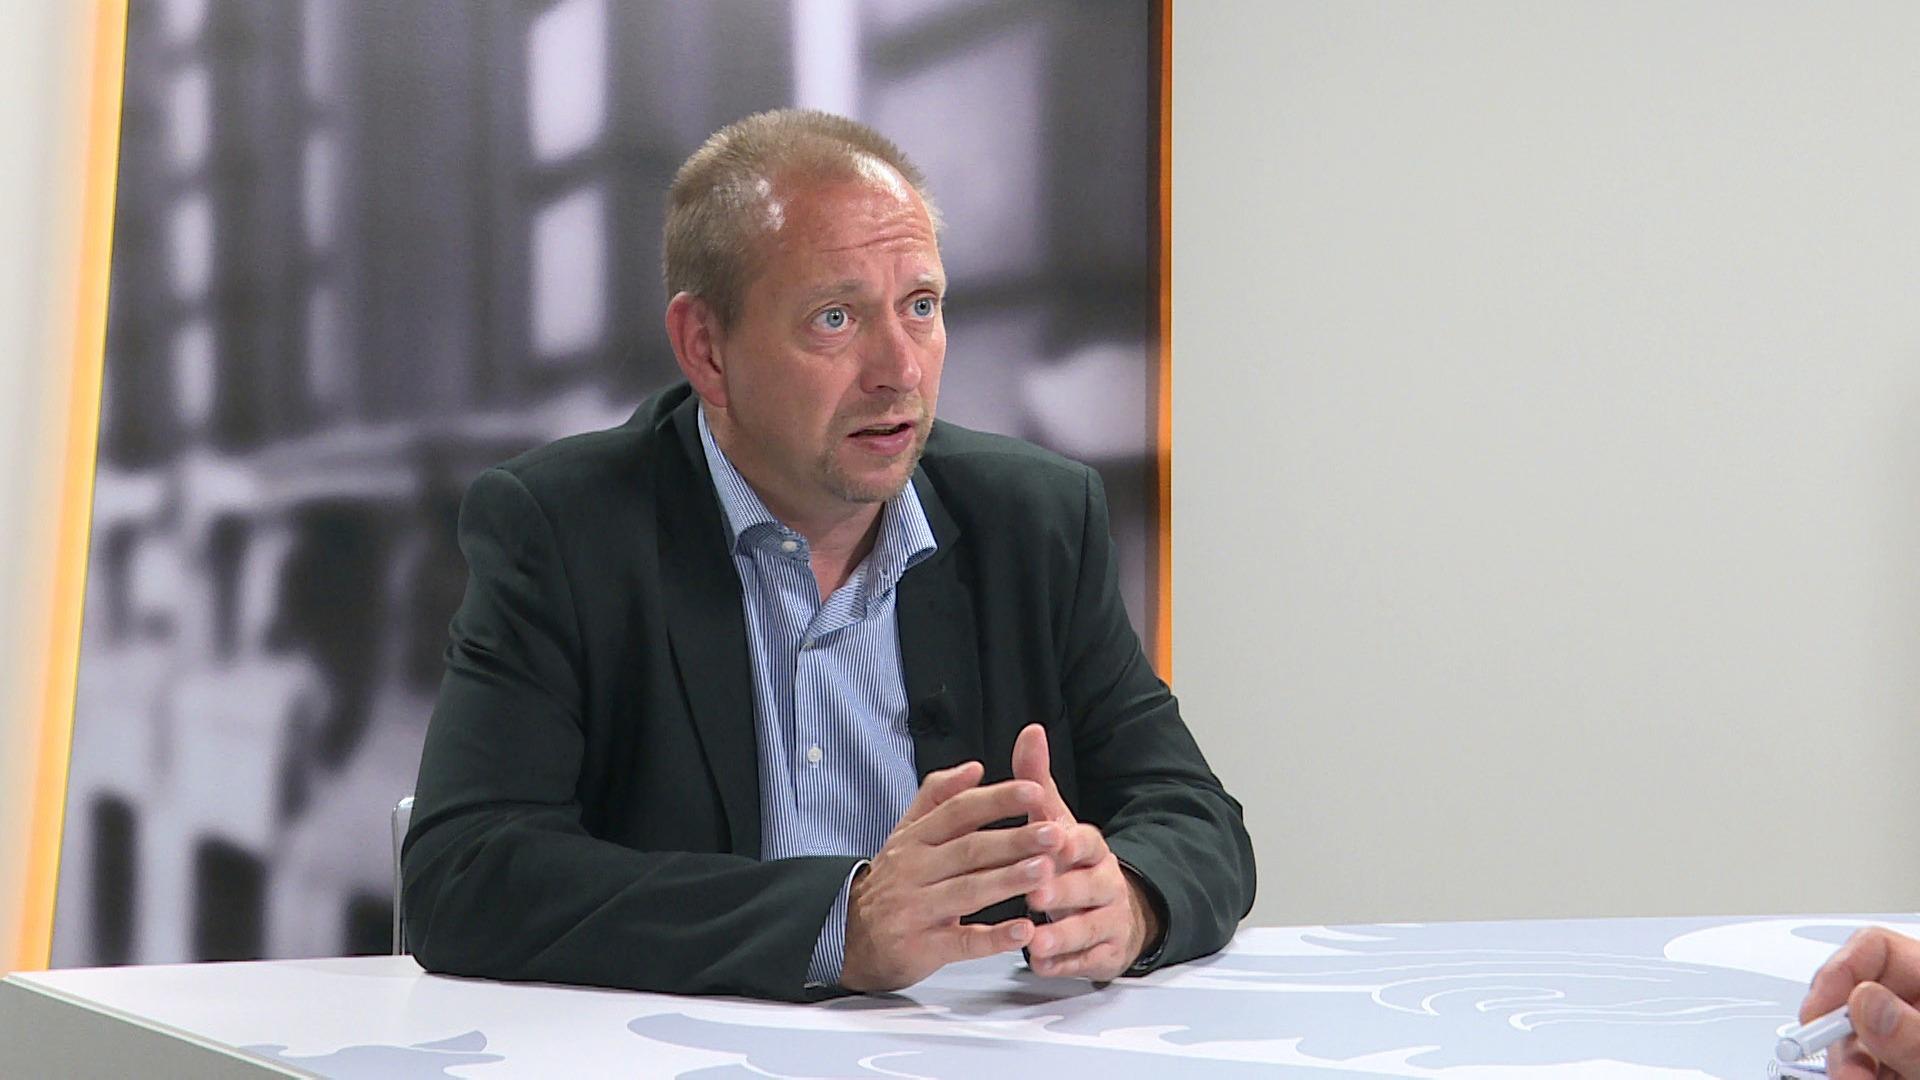 Studio Vlaams Parlement: Bart Van Malderen over het armoedebeleid van Liesbeth Homans